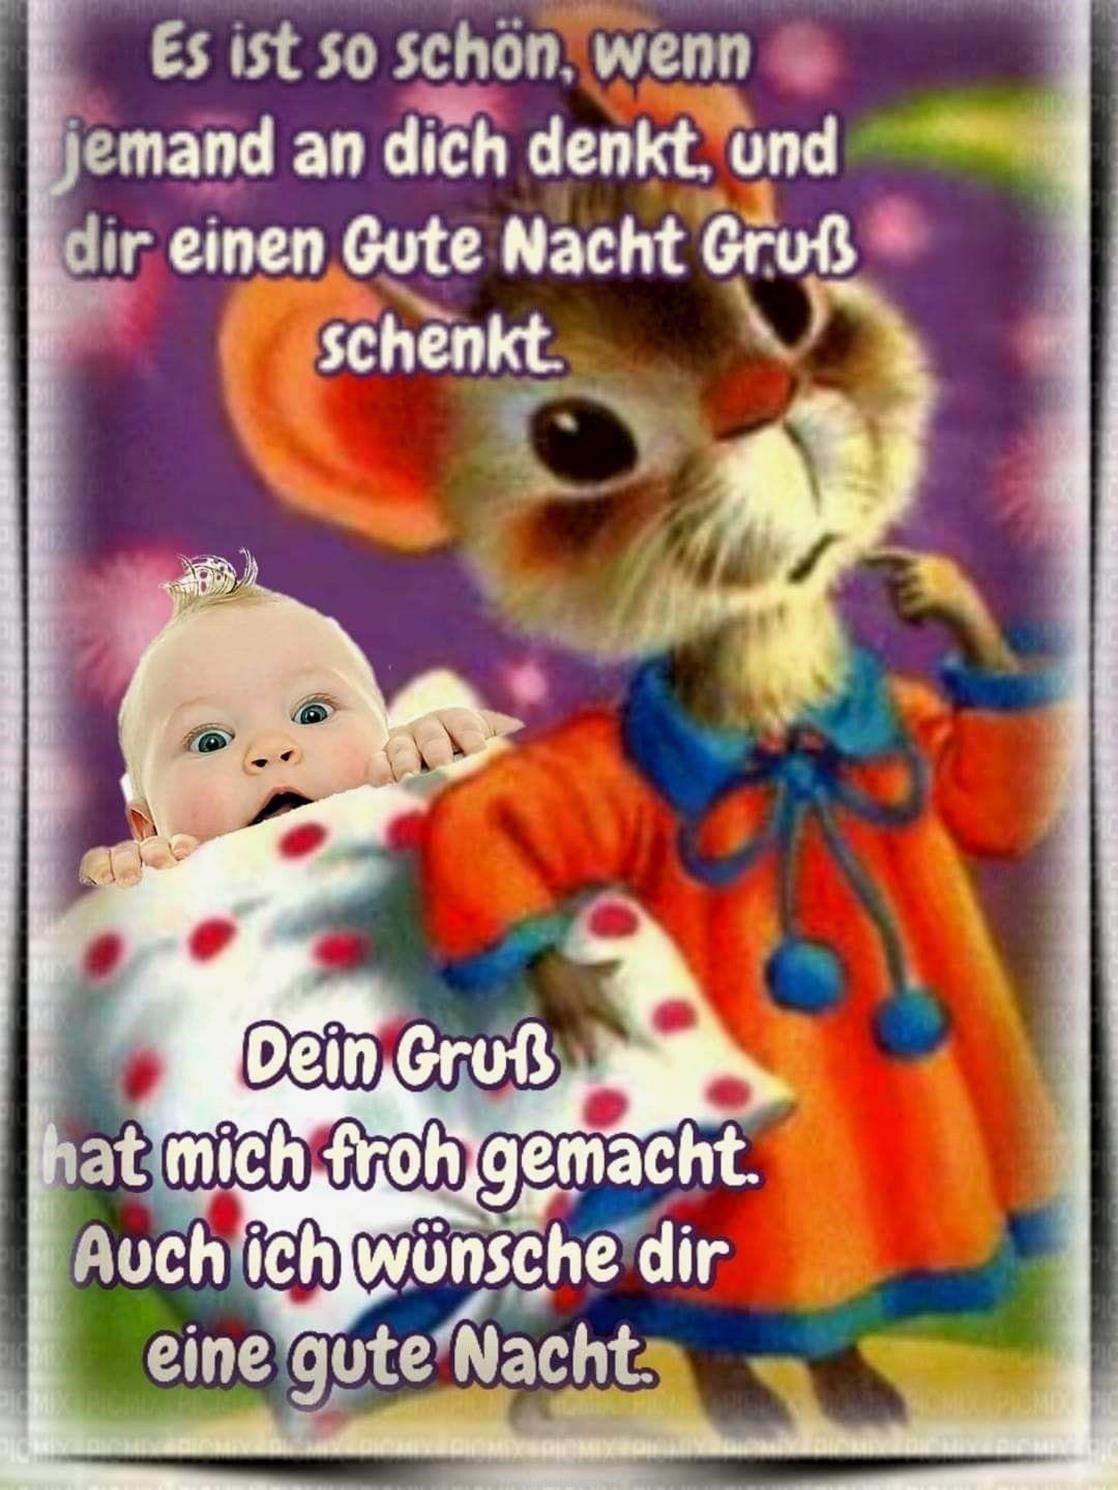 Gute Nacht Wunsche Fur Verliebte Bilder Und Spruche Fur Whatsapp Und Facebook Kostenlos